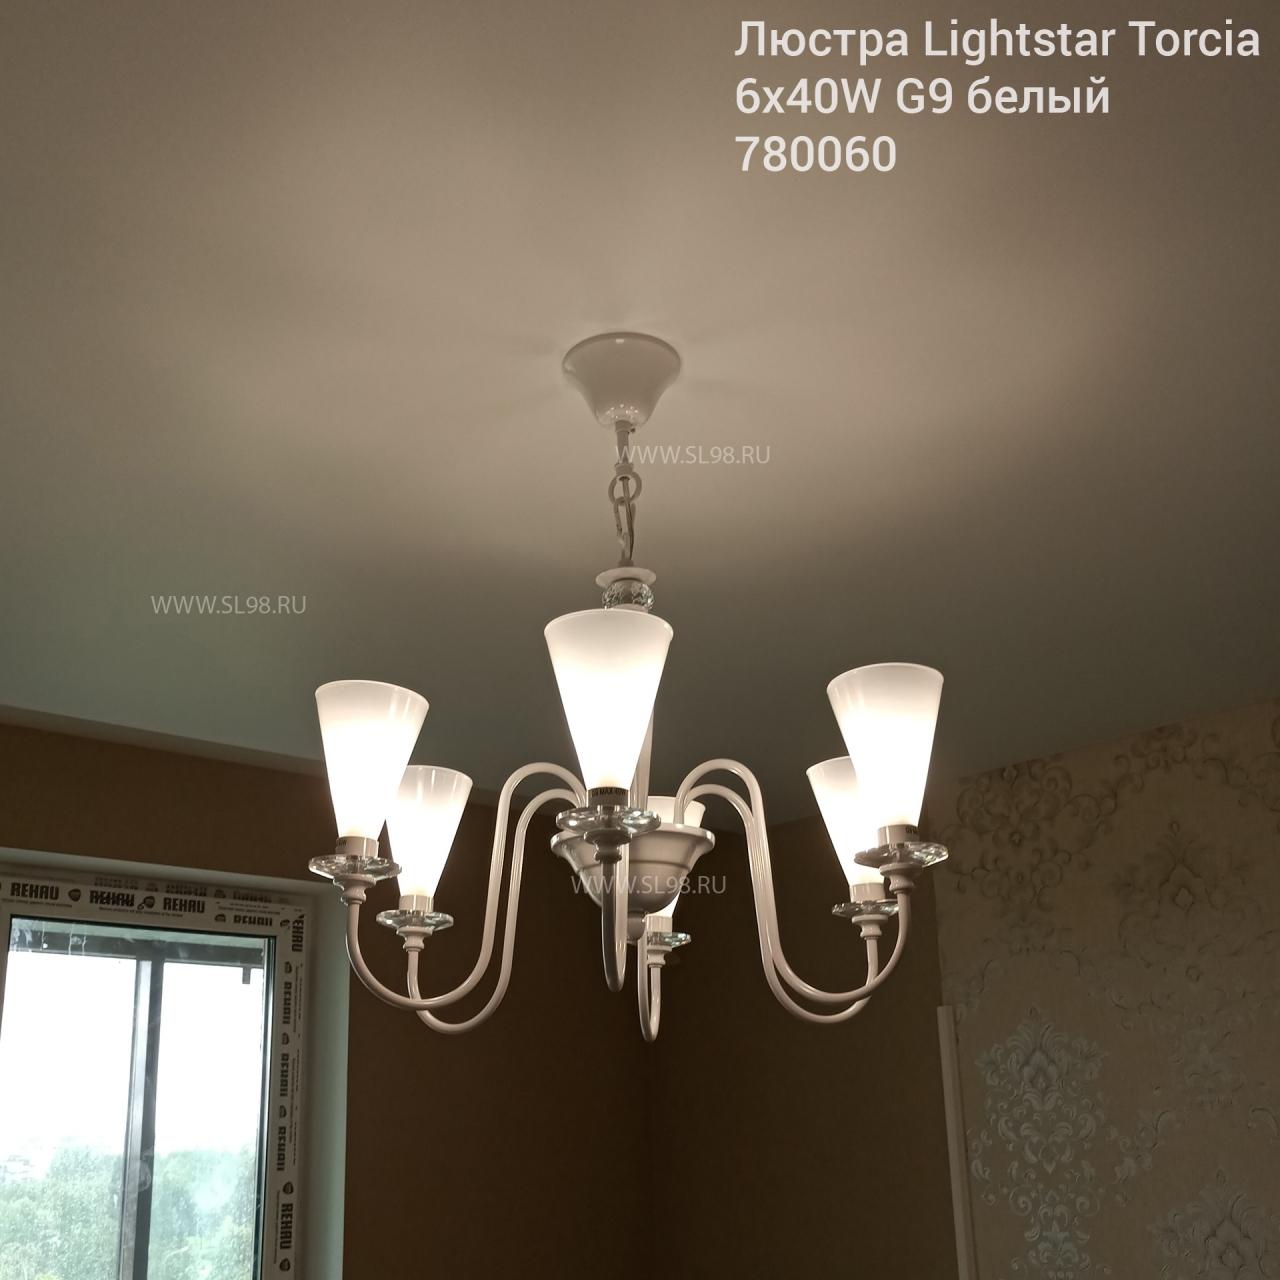 Люстры в интерьере: Люстра подвесная Torcia Lightstar 780060